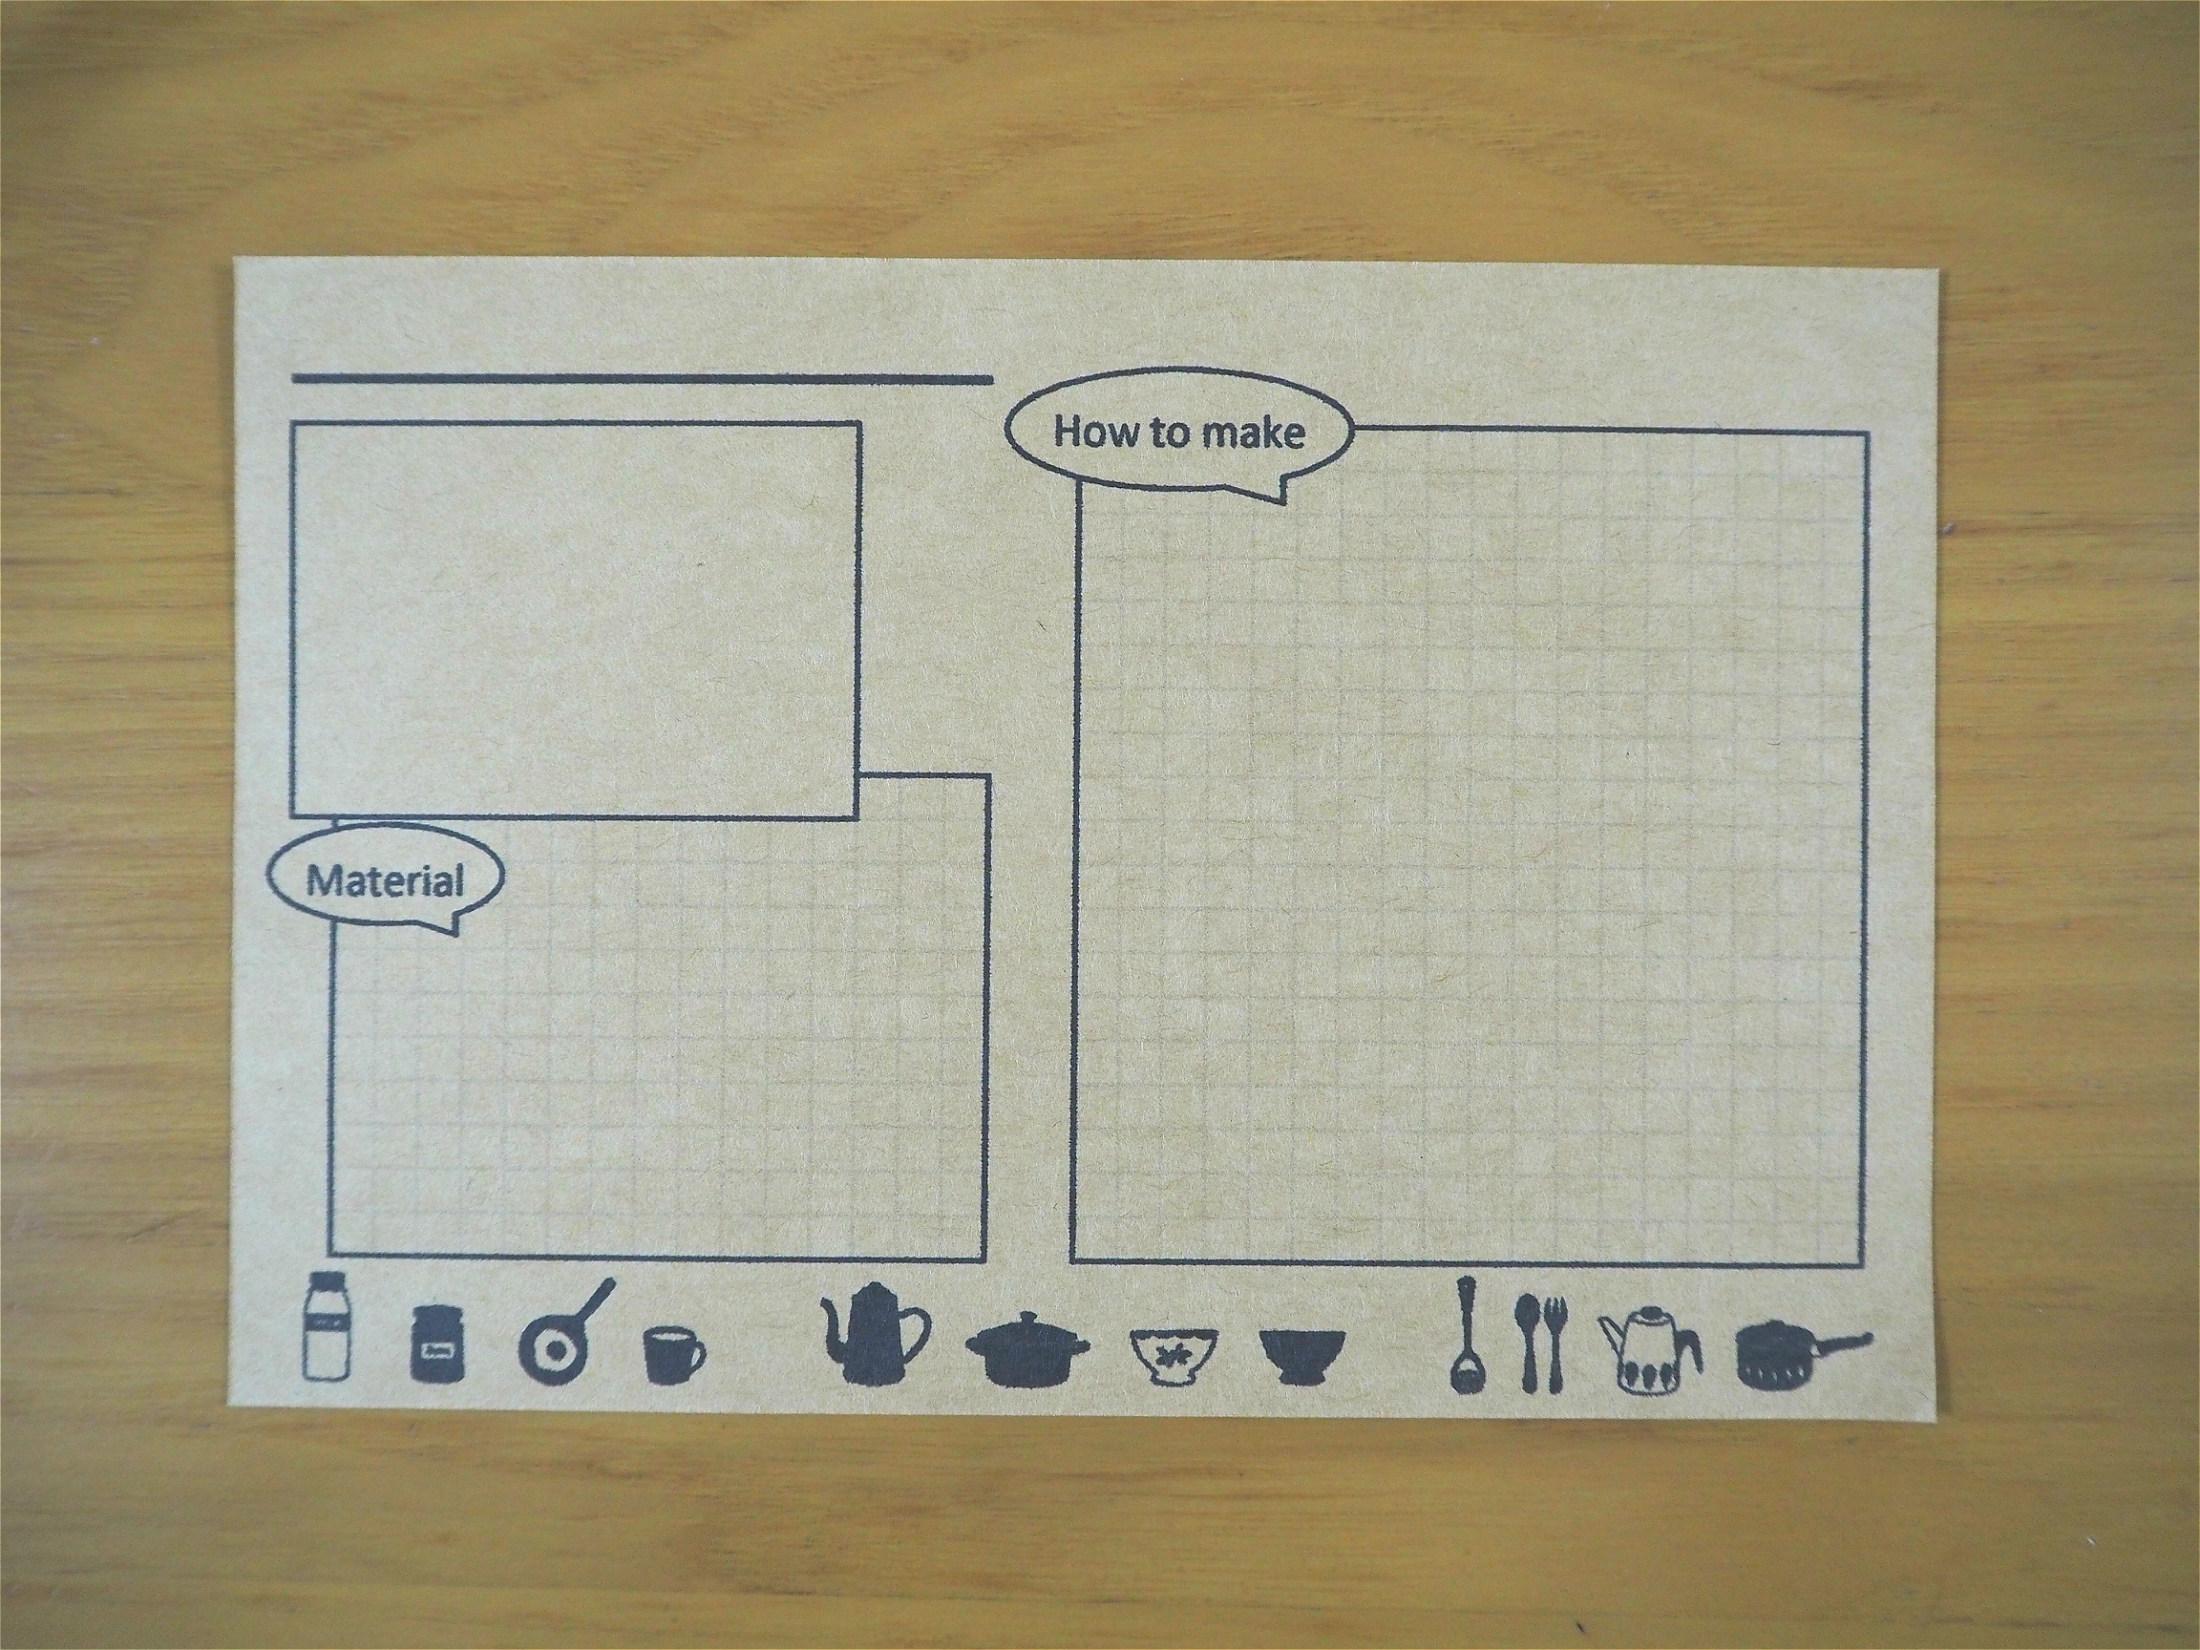 レシピカードのテンプレート